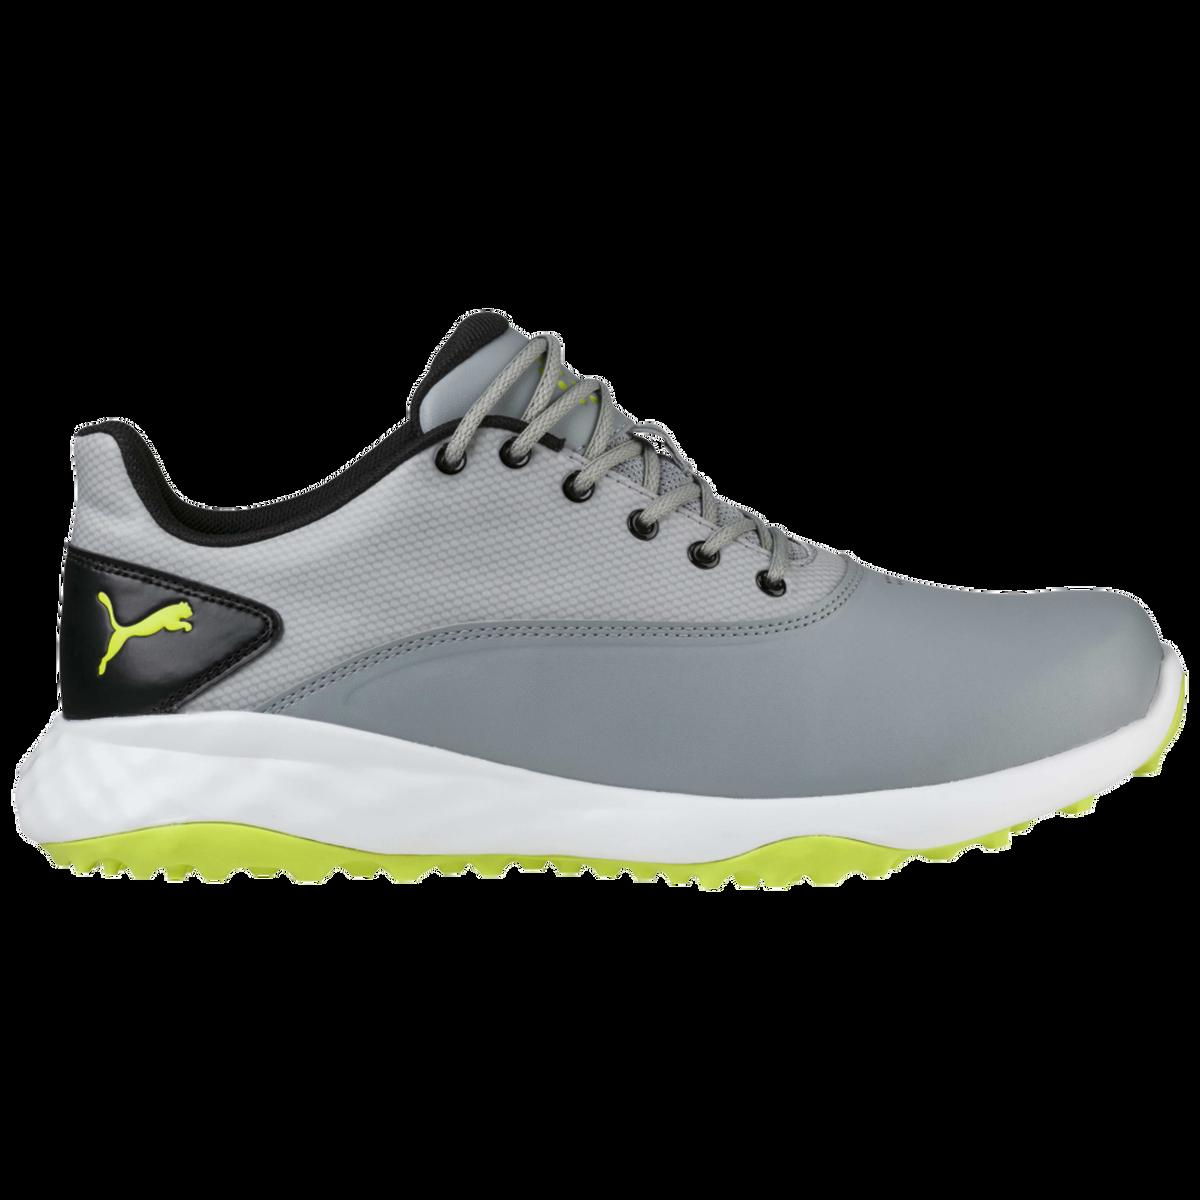 769e7dc60e43d3 PUMA Grip FUSION Men s Golf Shoe - Grey Black